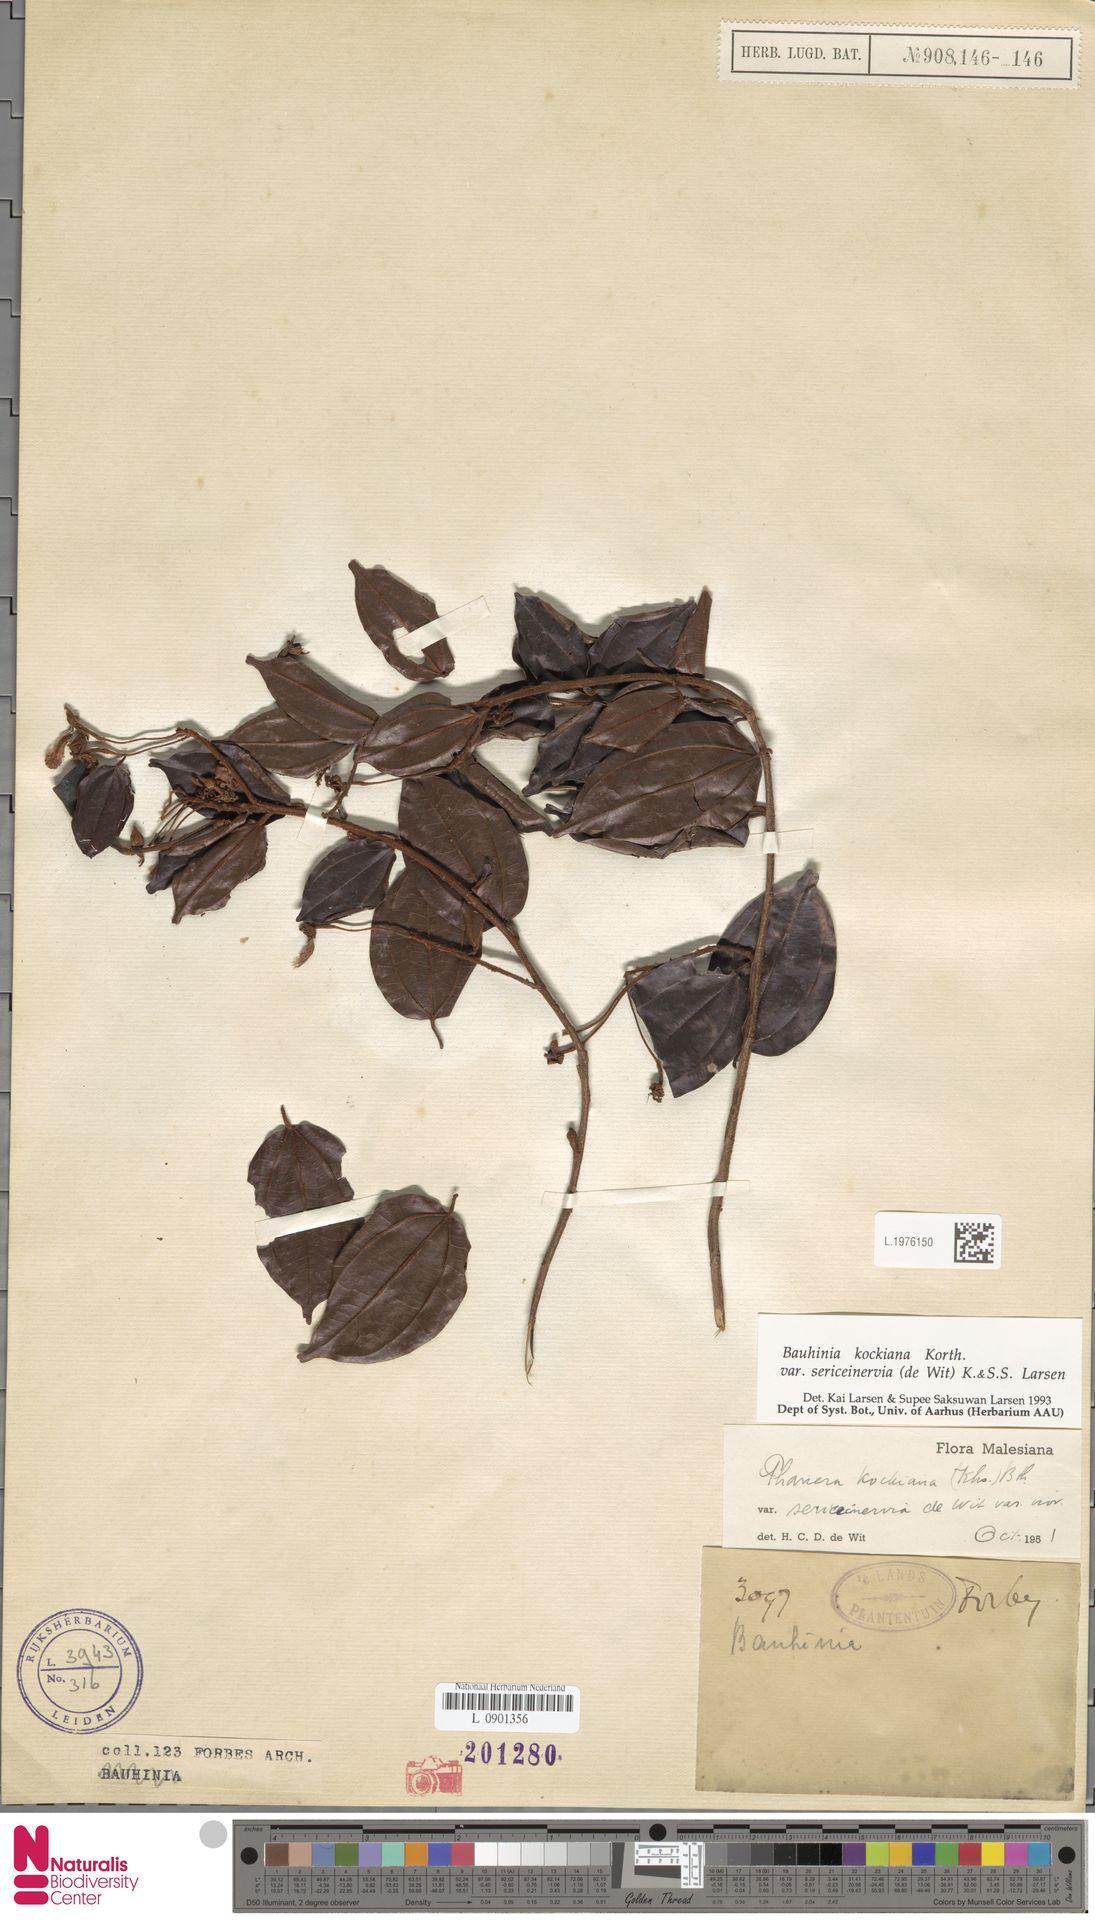 L.1976150 | Bauhinia kockiana var. sericeinervia (de Wit) K.Larsen & S.S.Larsen